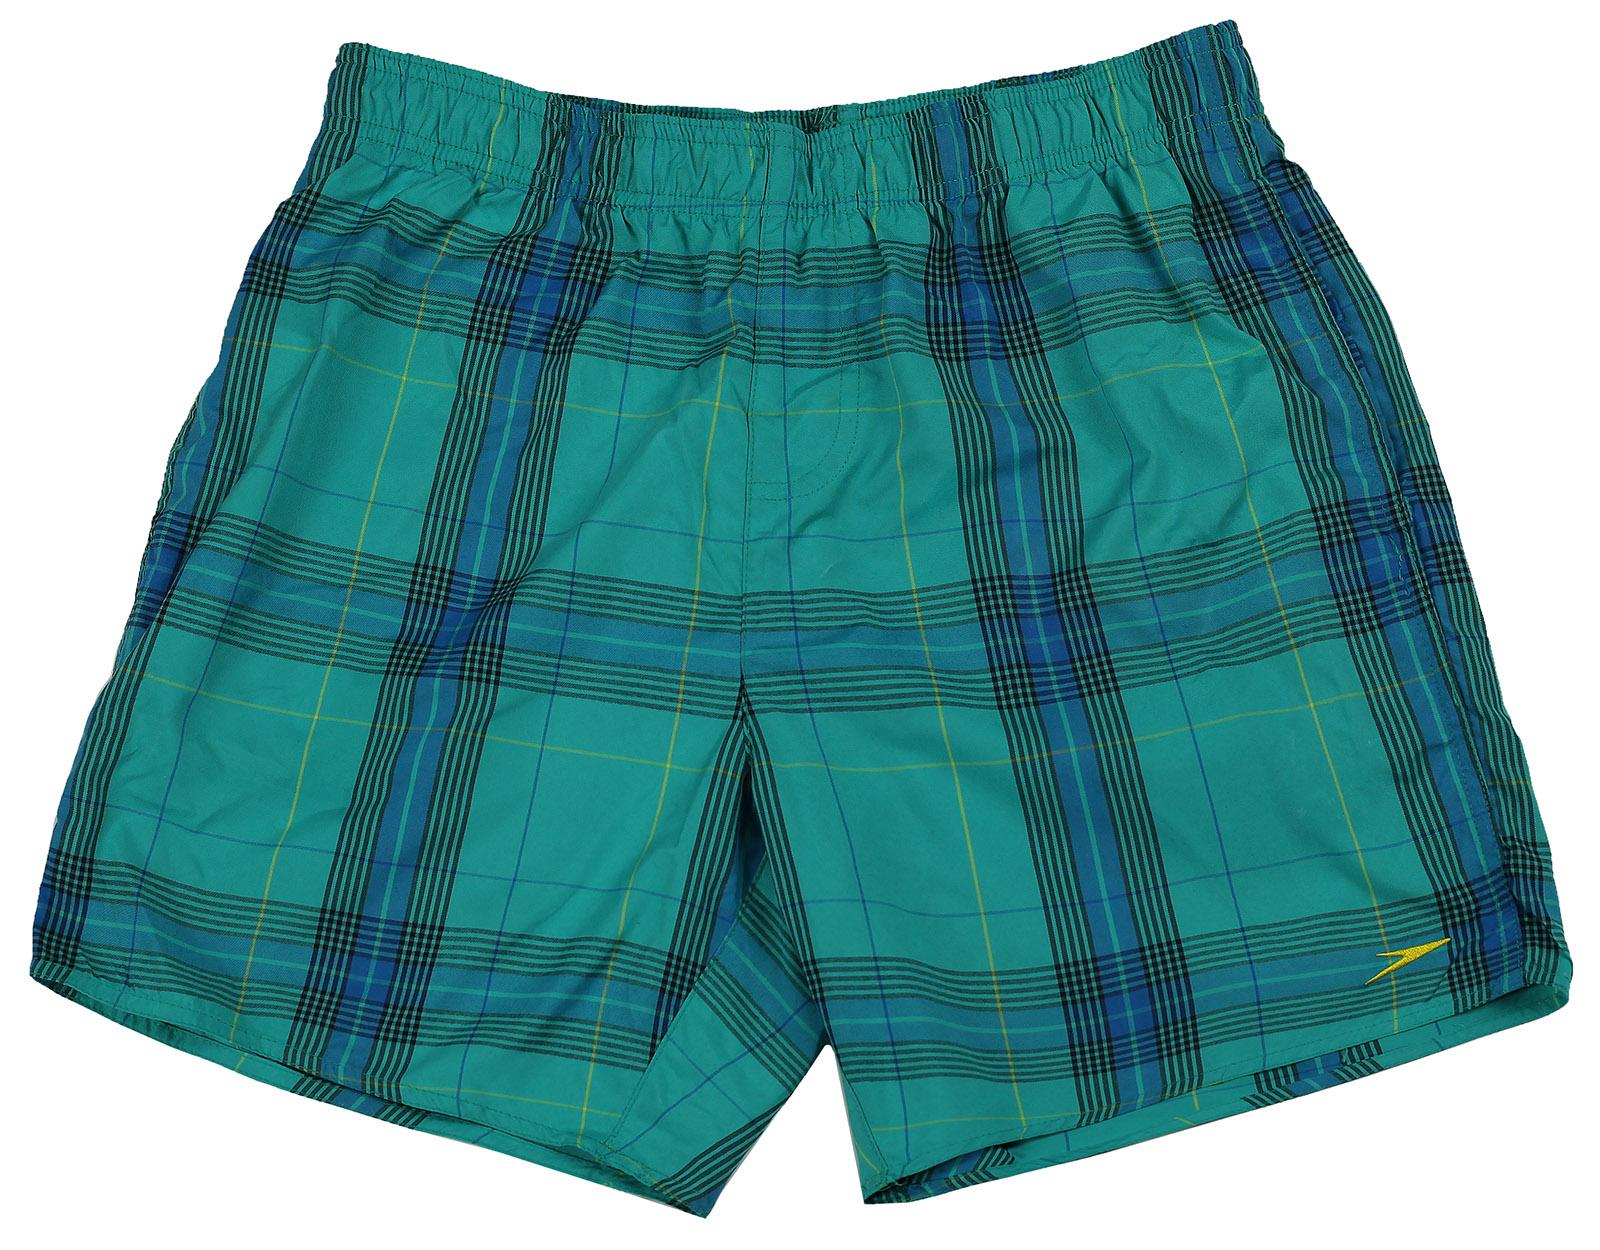 Свободные мужские шорты - купить в интернет-магазине с доставкой